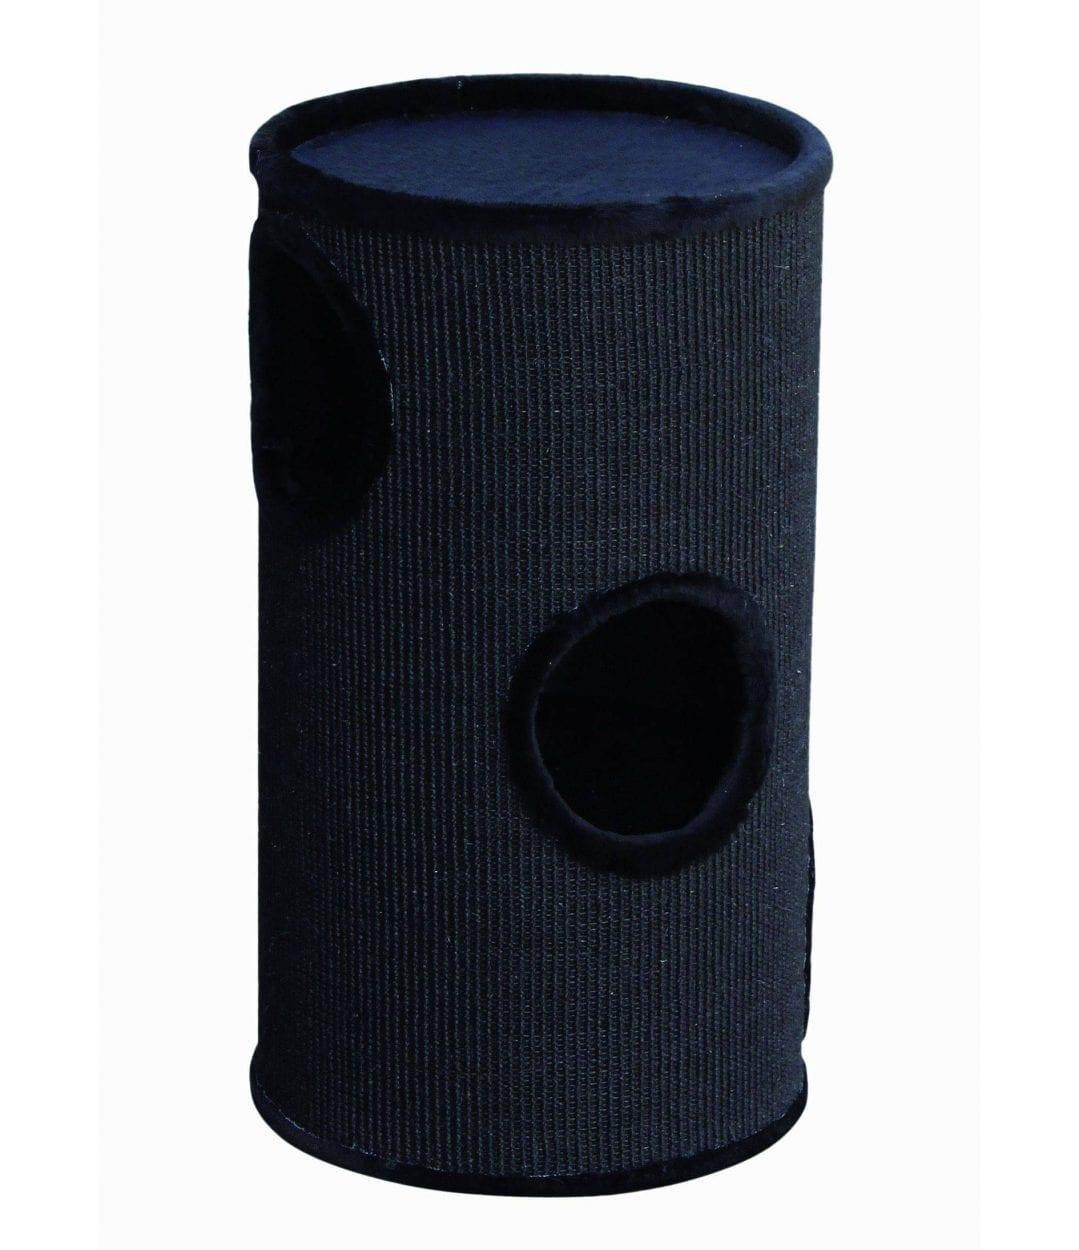 Produktbild: Klöstunna Dasha II Svart